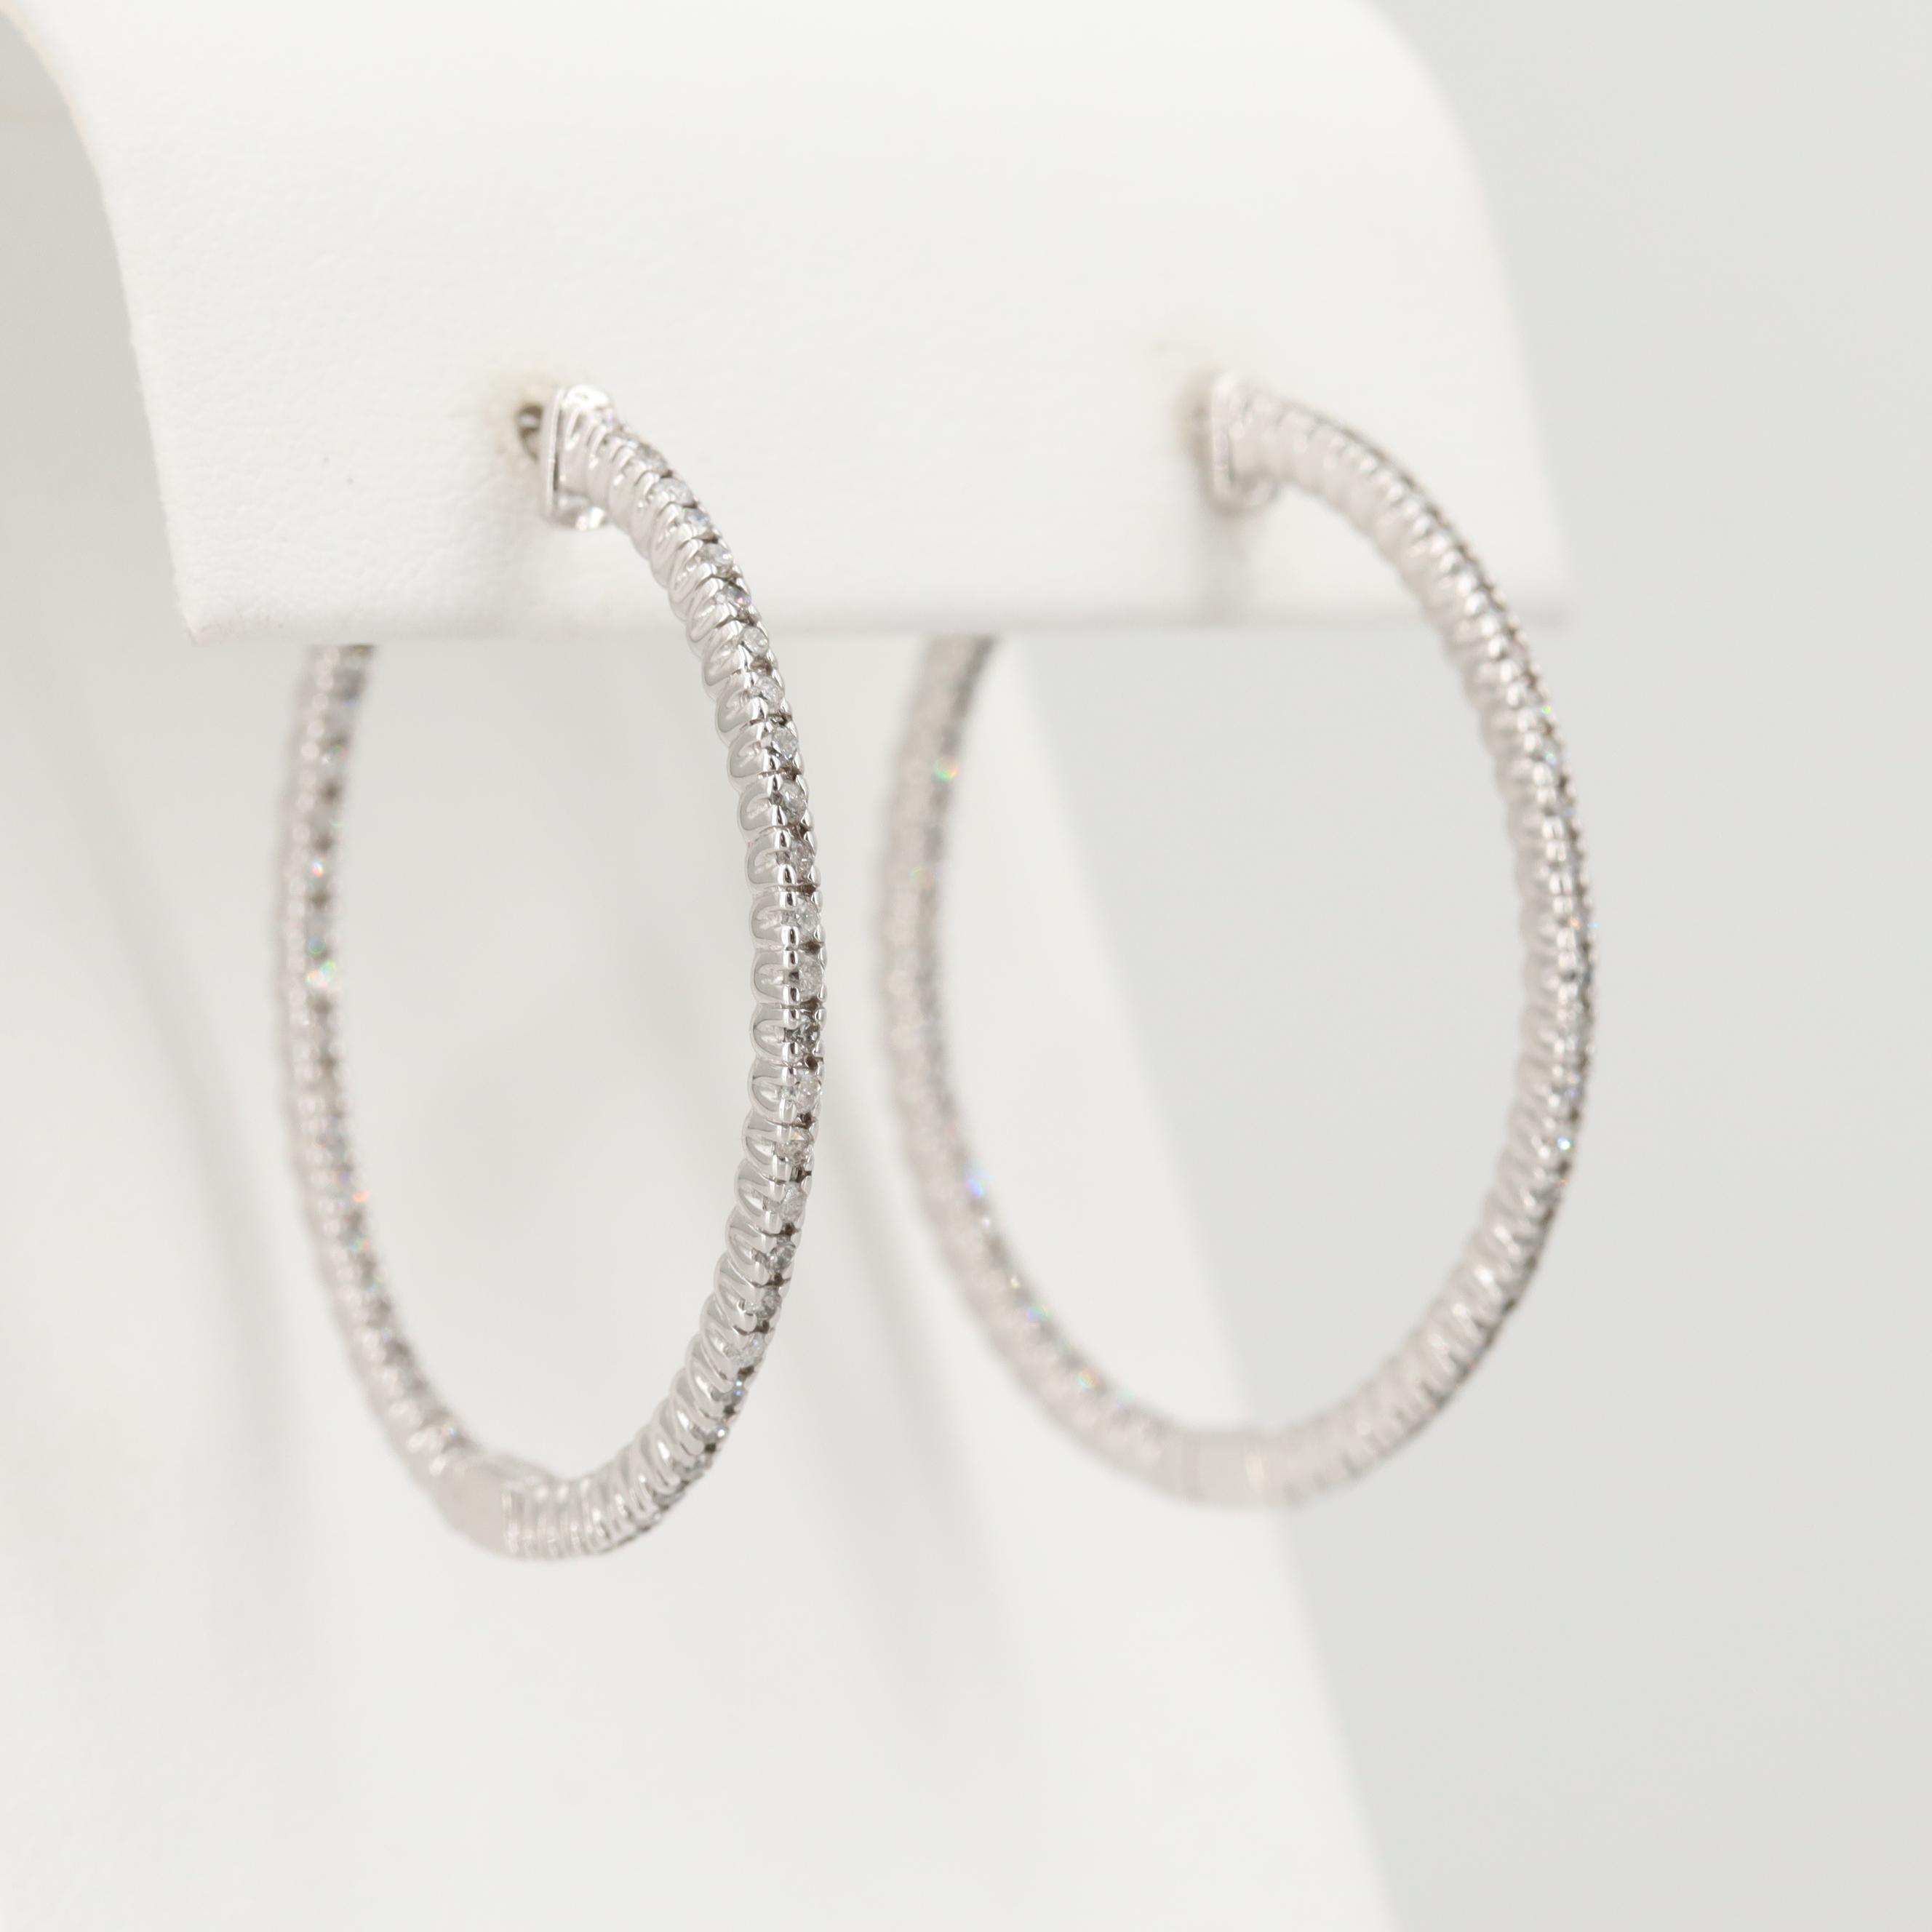 14K White Gold 1.00 CTW Diamond Inside Outside Hoop Earrings